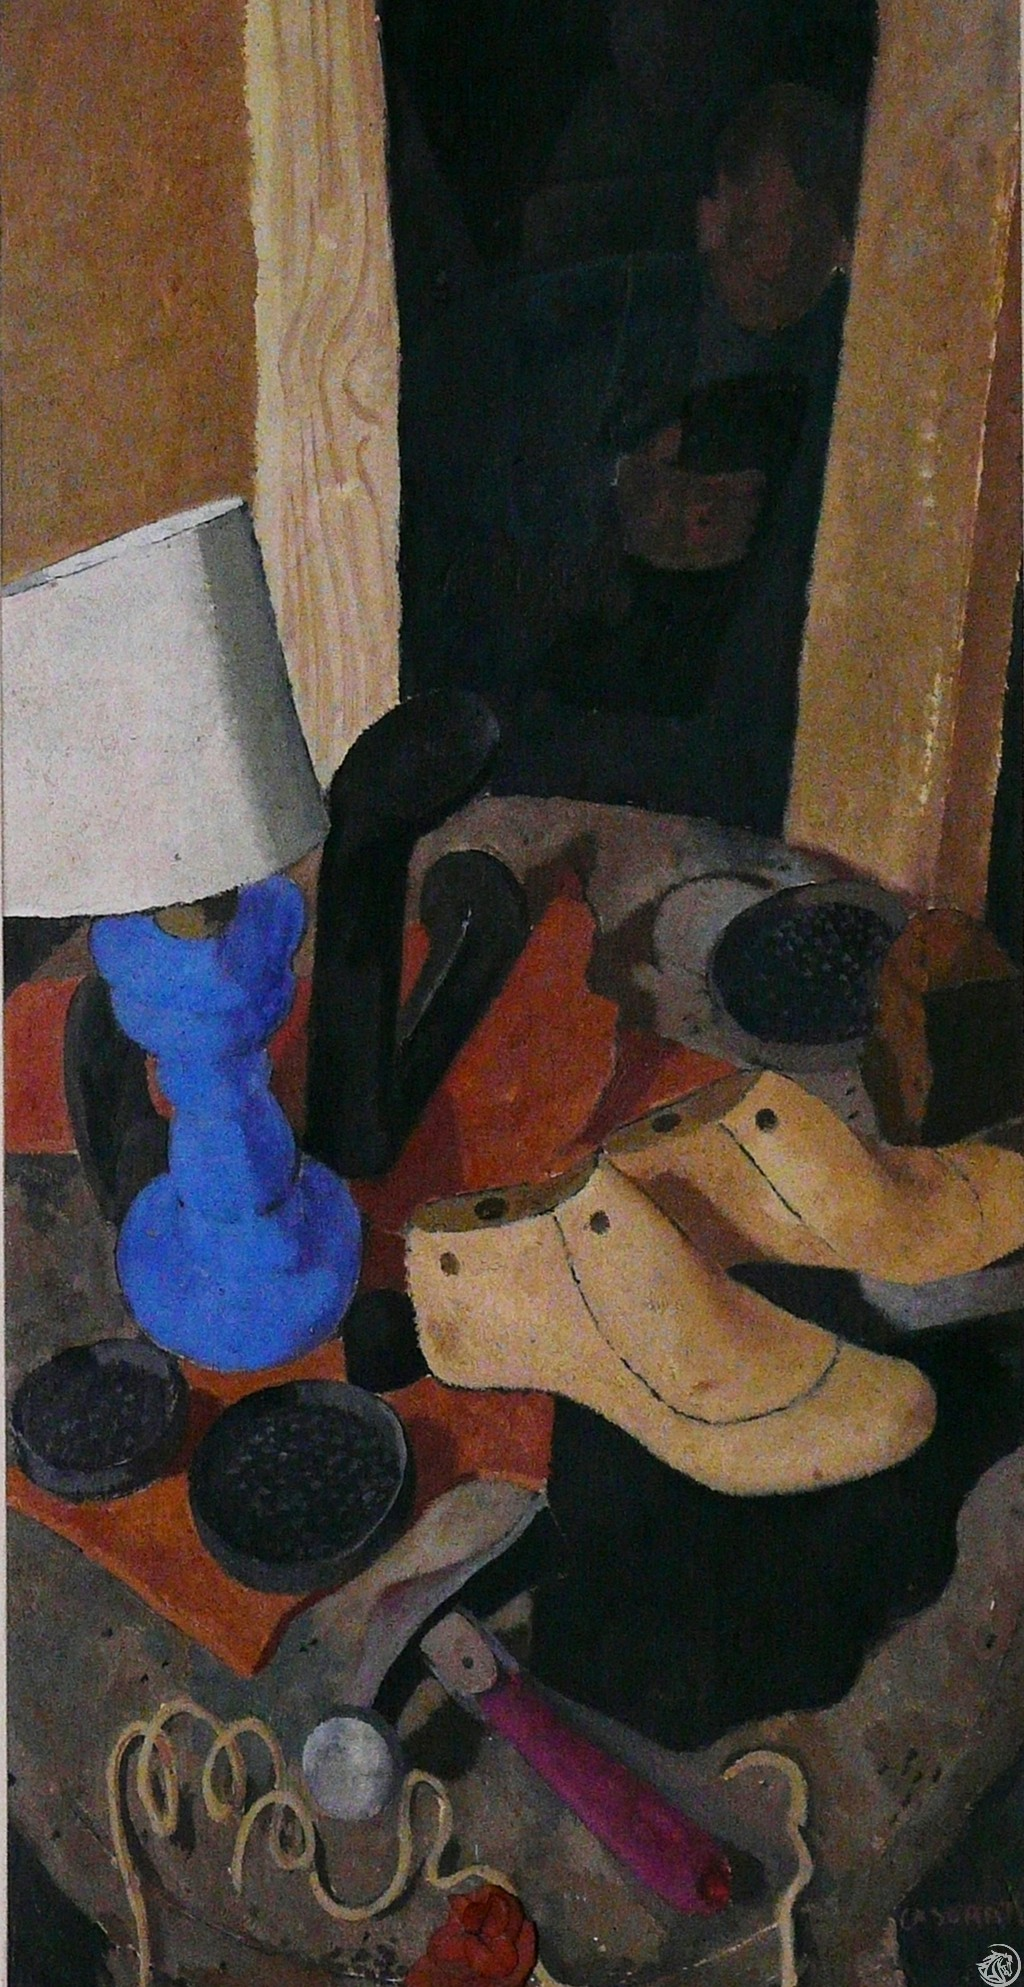 GRO_Felice Casorati_Ciabattino_1930_collezione privata